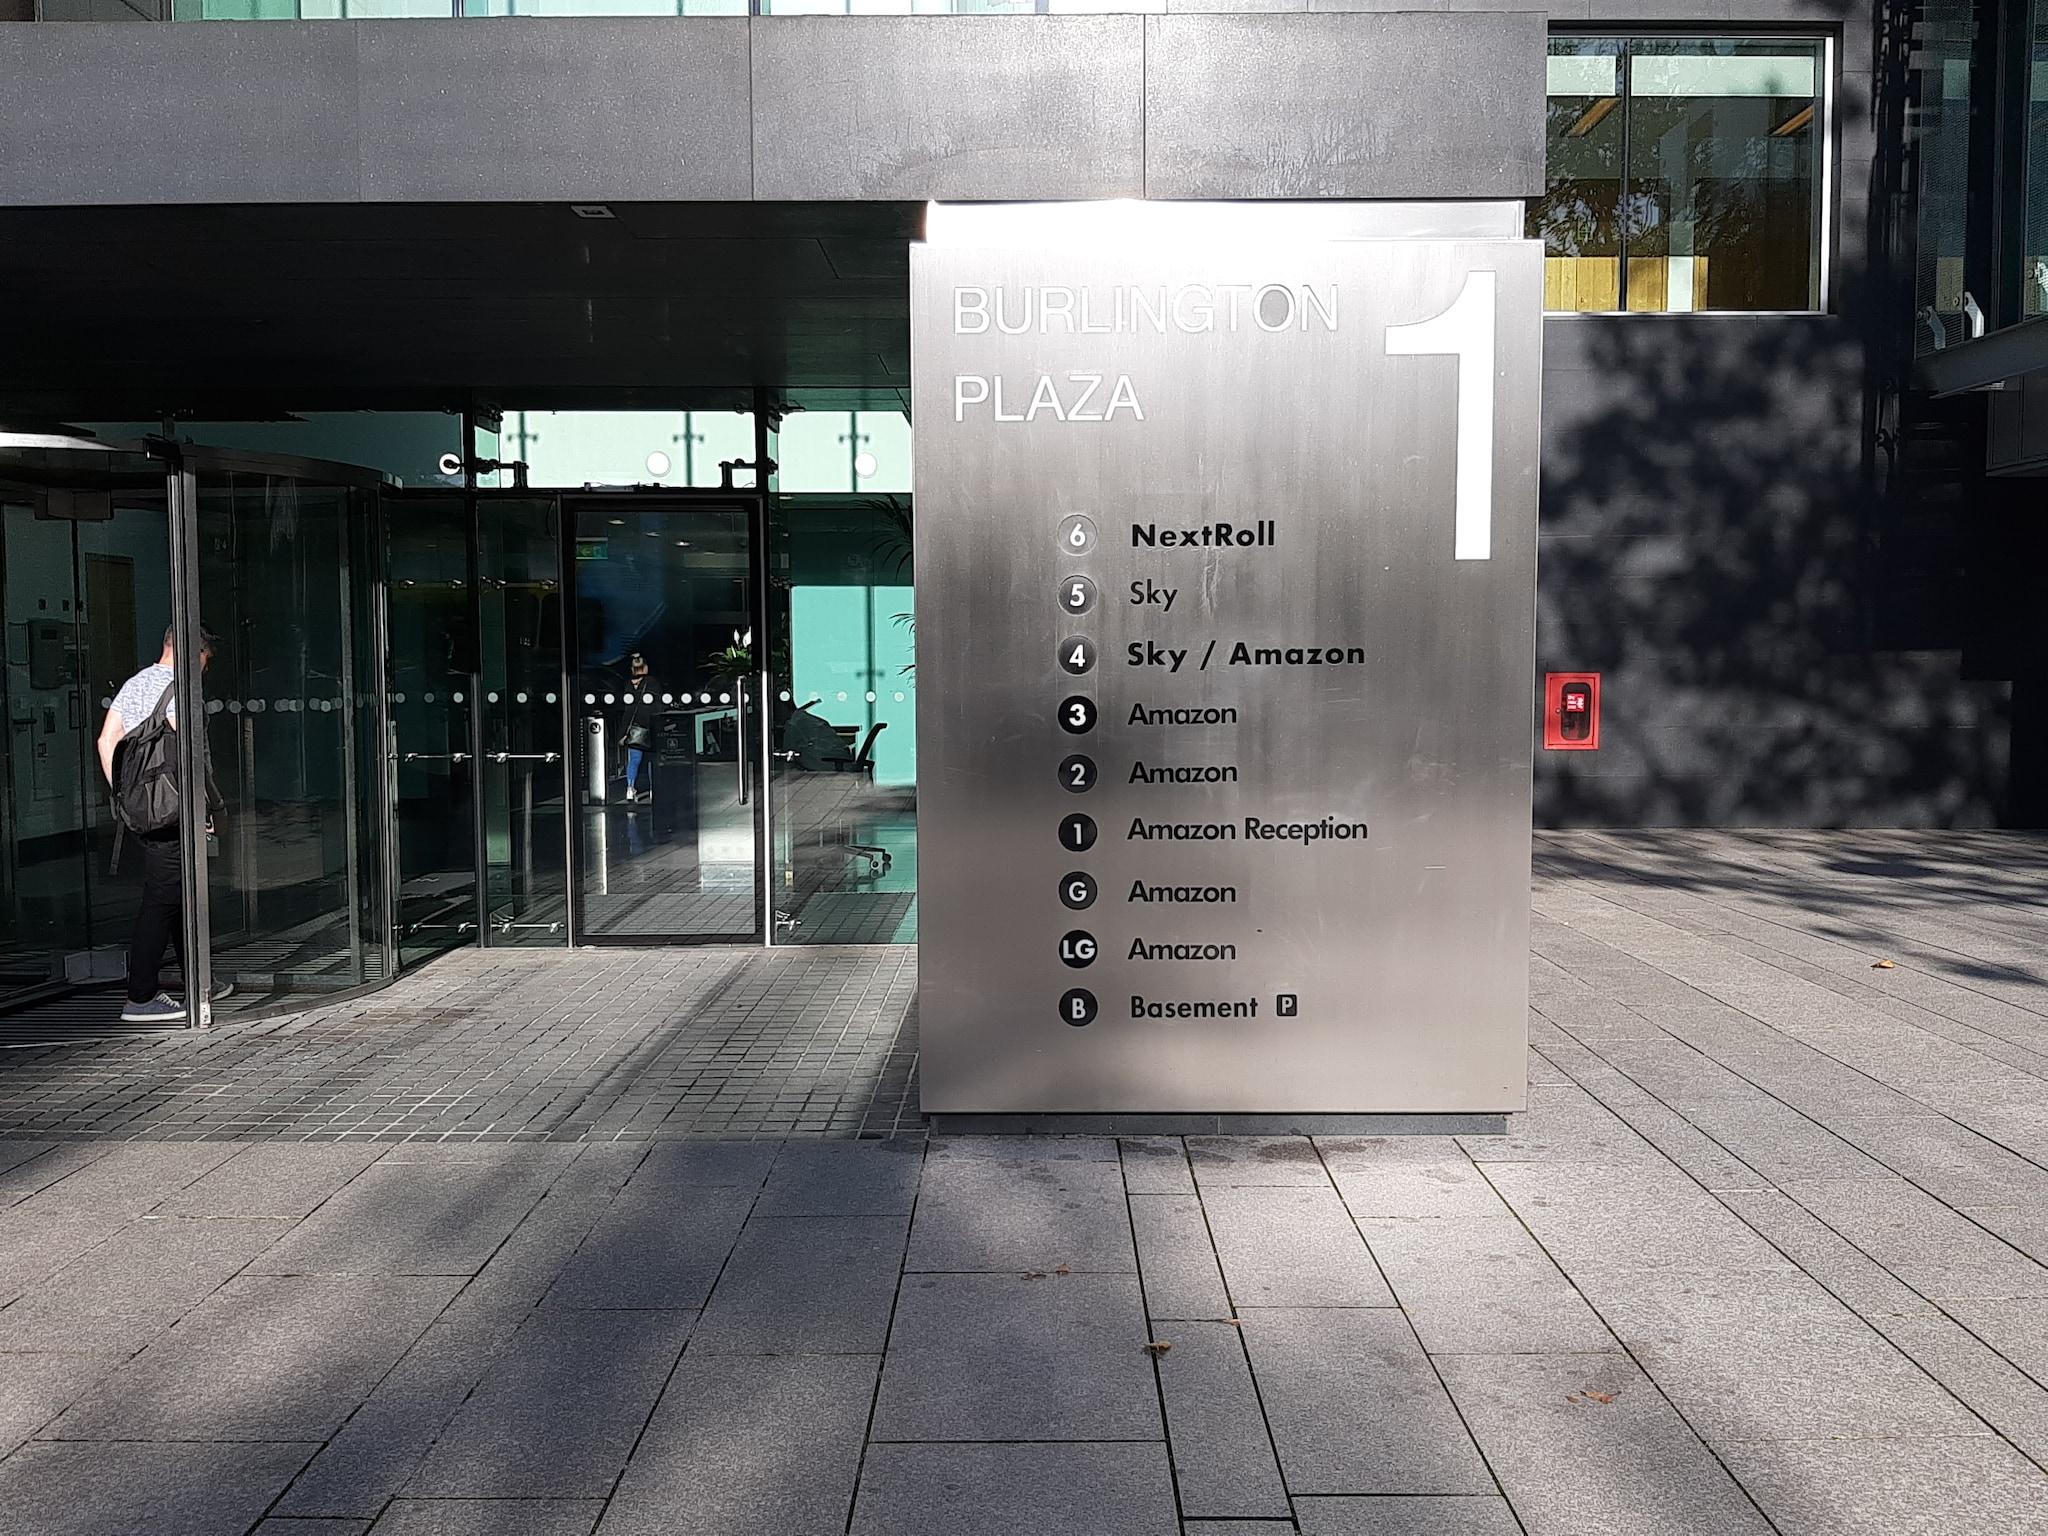 L'ingresso del quartier generale di Amazon al numero 1 di Burlington Plaza a Dublino